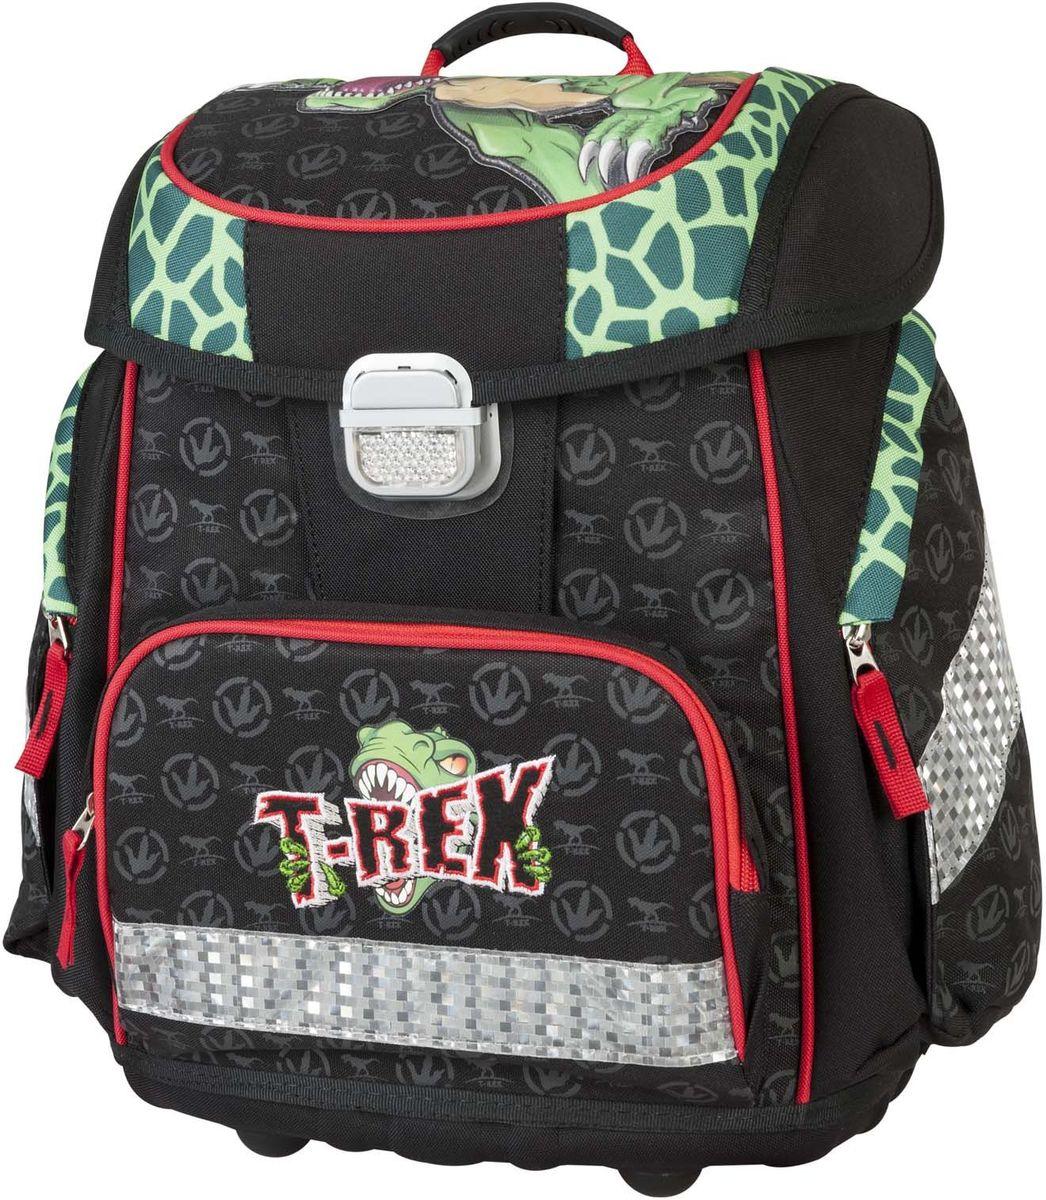 Target Collection Ранец школьный Динозавр Тирекс 1792072523WDДетский рюкзак бренда «Target Collection» имеет яркий рисунок и изготовлен из современных, прочных материалов. Техническими особенностями рюкзака (портфелей) «Target Collection» является система «Flexiball» (поясничная поддержка), которая оптимально адаптирована для ребенка. Ведь самое главное, чтобы ребенок имел правильную осанку во время переноски портфеля. Система «Flexiball» является новшеством в промышленности, она правильно распределяет вес мешка, автоматически подстраивается под ребенка и поэтому обеспечивает идеальное положение для поясничной поддержки. Во время прогулки, система «Flexiball» движется вместе с ребенком, за счет гибкого материала уменьшает нагрузку при ходьбе. Портфель имеет форму куба, пригодную для учащихся начальных классов. Плечевые лямки можно отрегулировать для каждого ребенка индивидуально, поэтому получается что он «растет» вместе с ребенком. Лямки содержат вентиляционные отверстия и тем самым имеют возможность дышать. Они дополнительно оснащены ЭКО-пеной, которая делает ношение портфеля более комфортным для ребёнка.